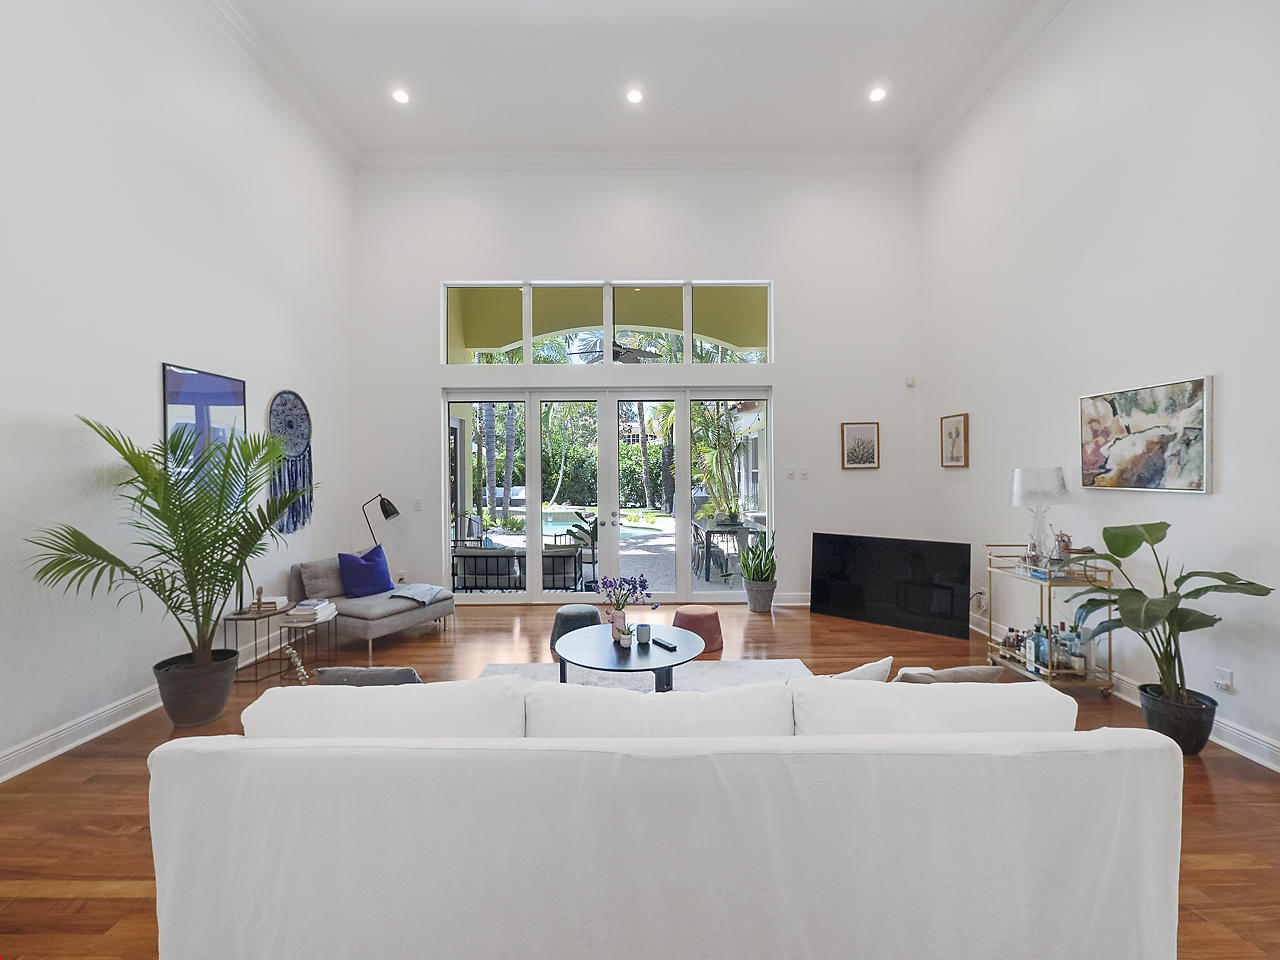 106 Santander Drive  - Abacoa Homes - photo 5